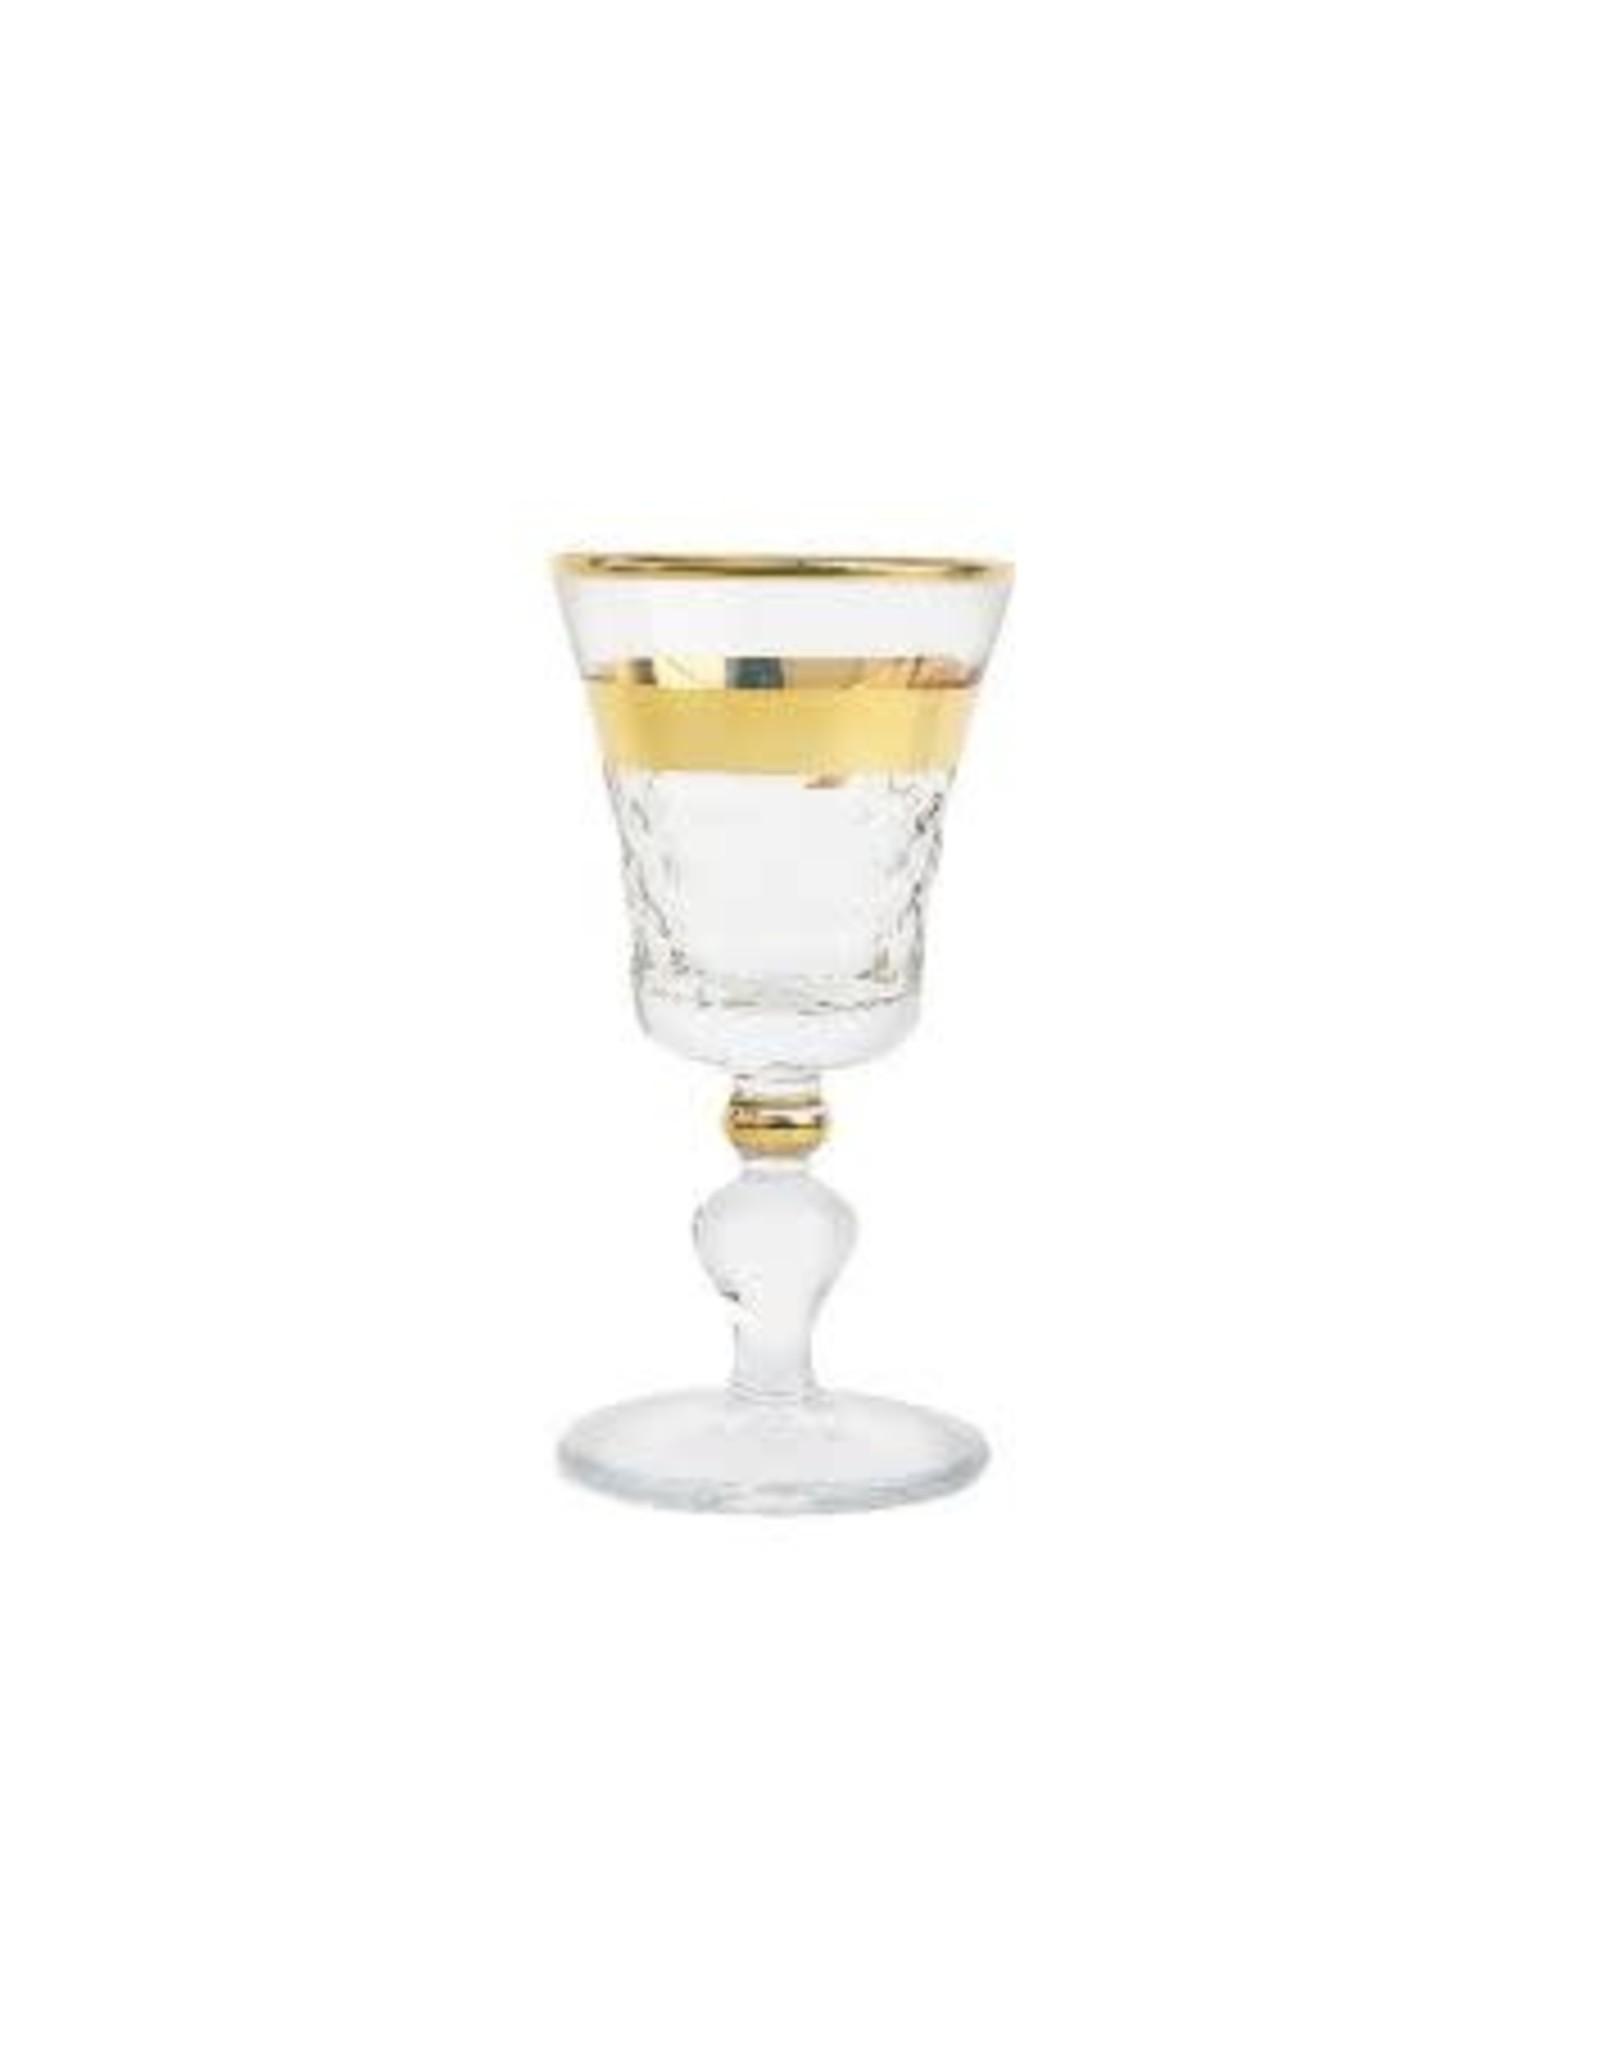 CLG2060 Set of 6 Shot Glasses with Detailed Crystal design